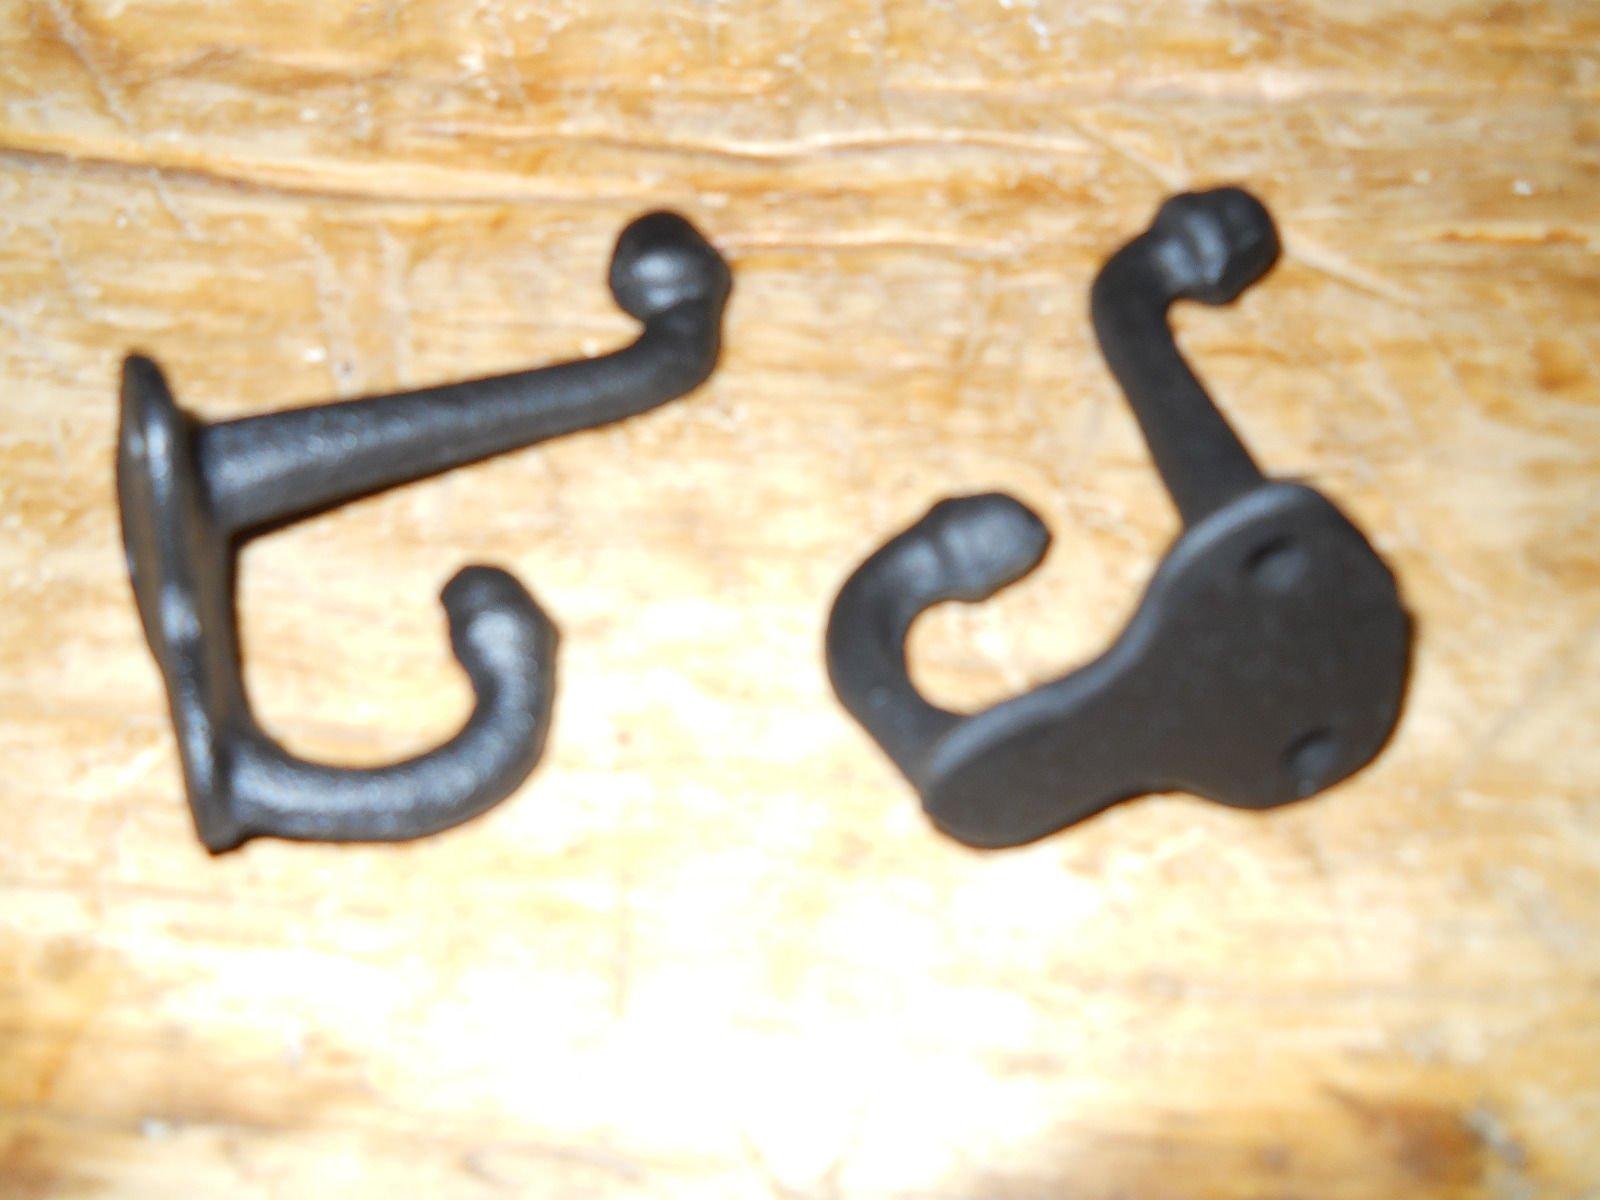 10 Cast Iron Black School Style Coat Hooks Hat Hook Rack Hall Tree Restoration , Heavy Duty Metal Decorative , Coat Hook , Hat Hook - Wall Mounted , Wall Hook , Coat Hanger ,Single Hooks for Bath